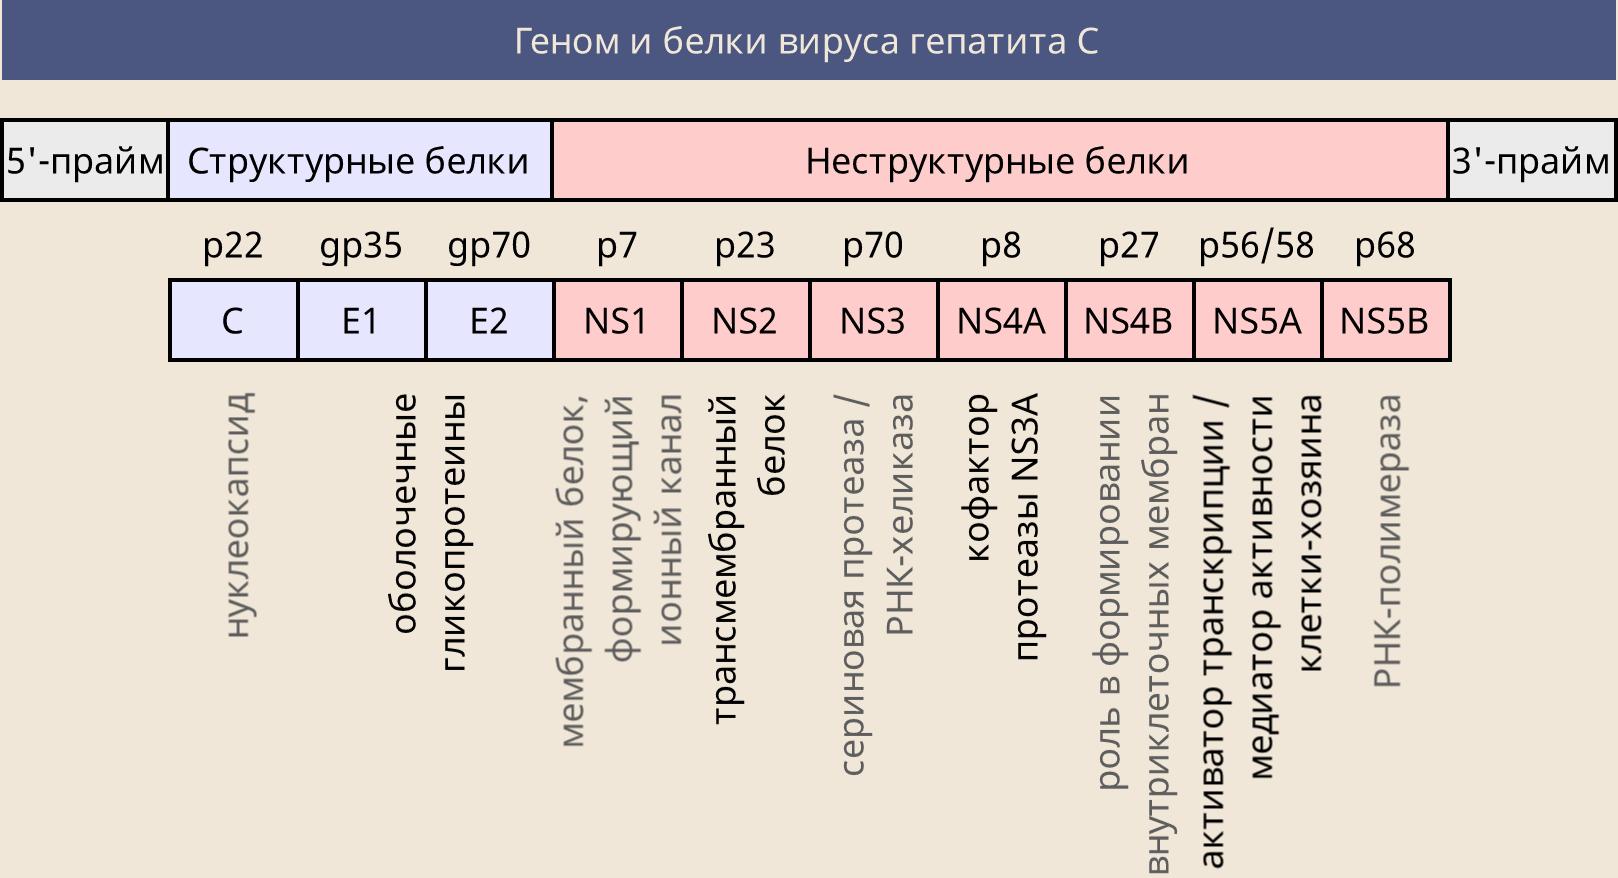 Положительный анализ на гепатит C